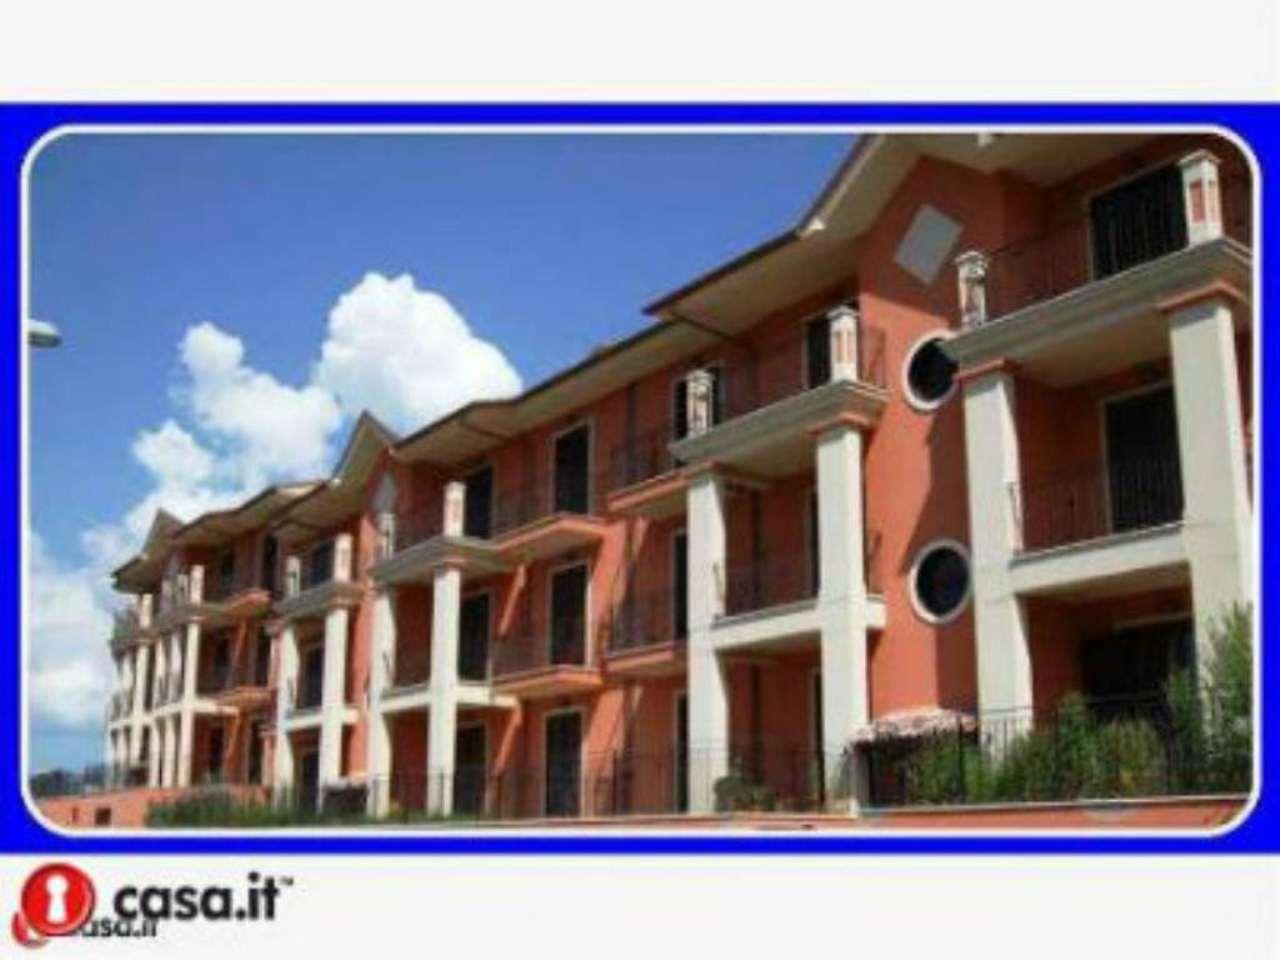 Appartamento in vendita a Carsoli, 6 locali, prezzo € 160.000 | Cambio Casa.it